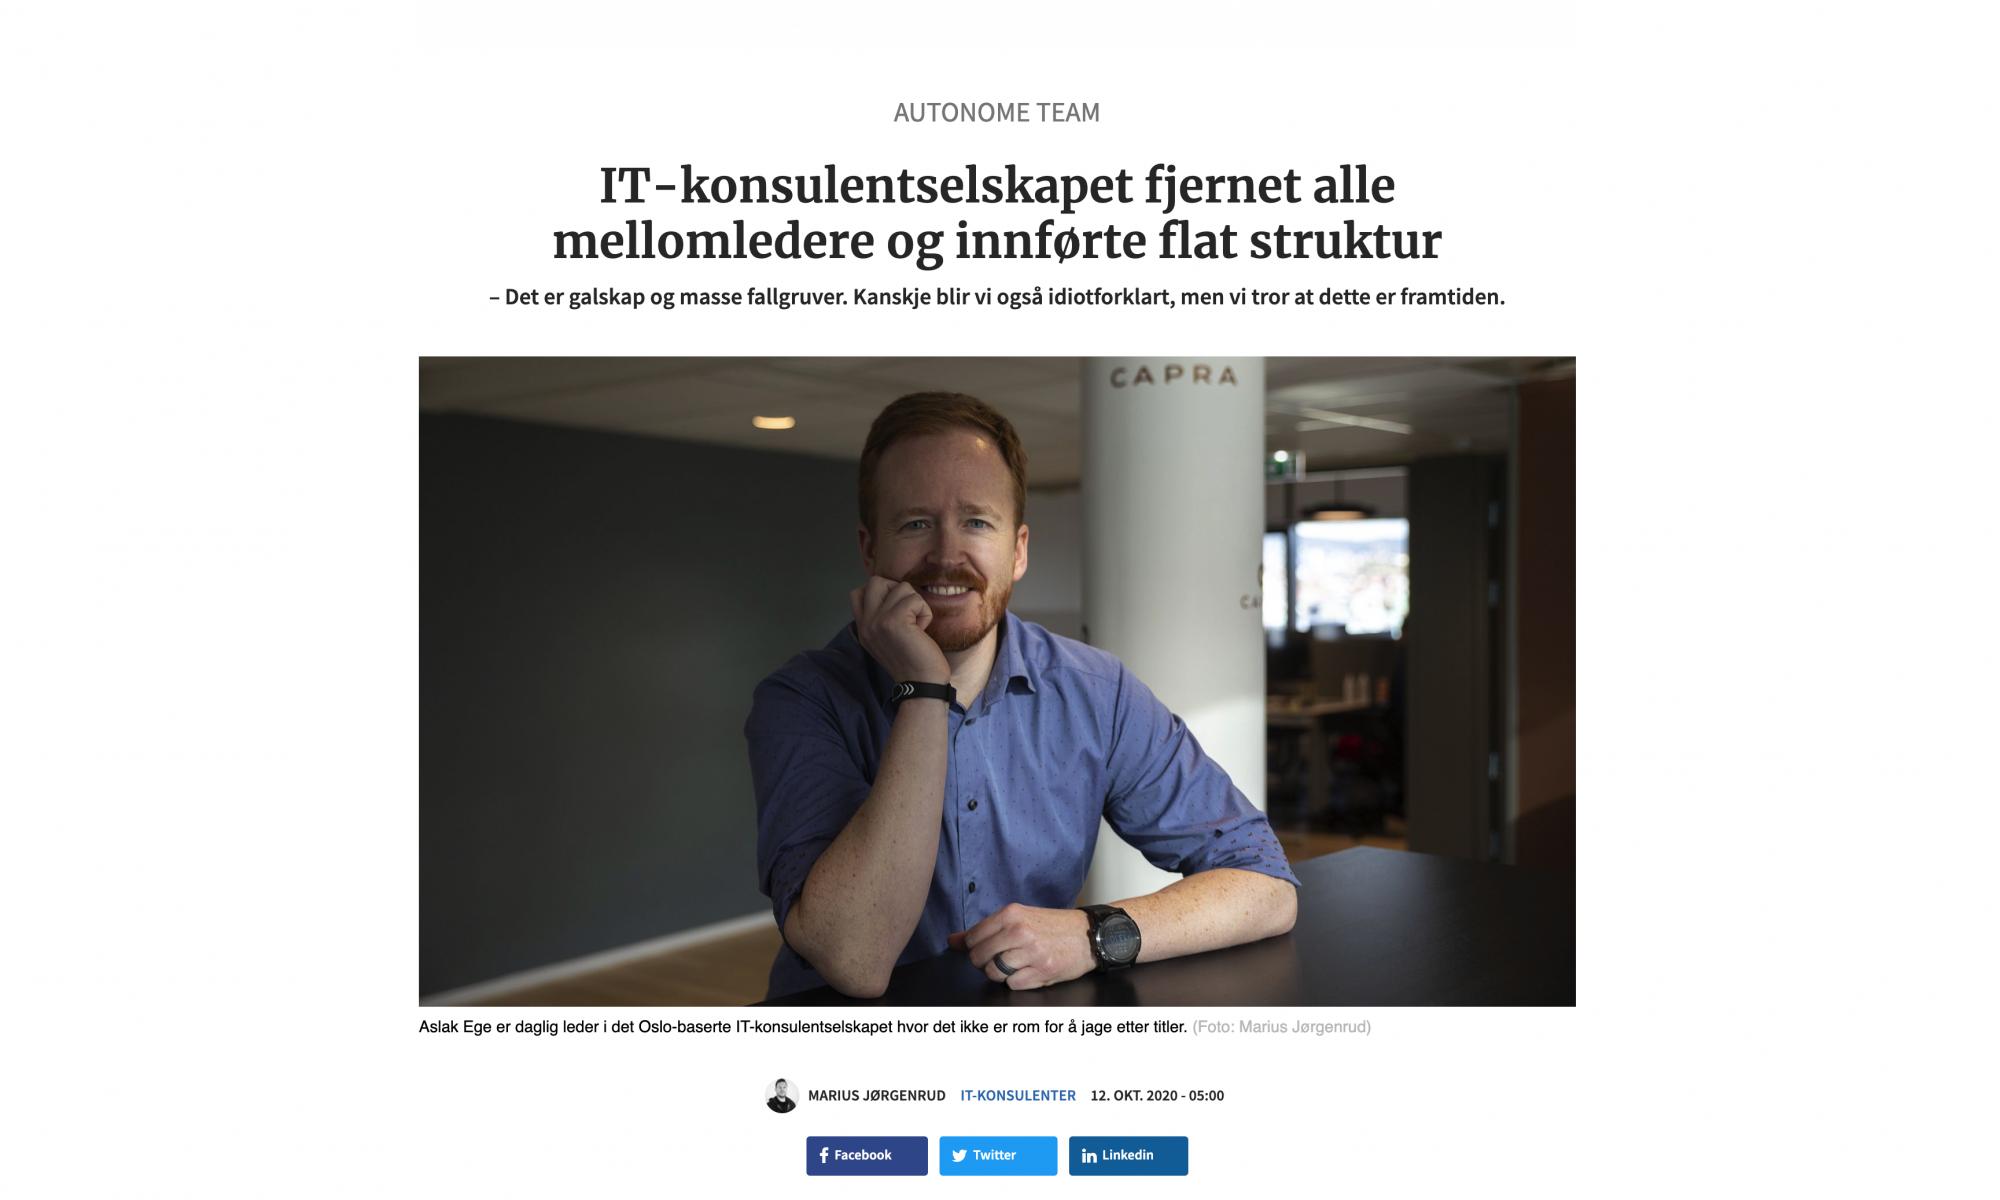 IT-konsulentselskapet som fjernet alle mellomledere og innførte flat struktur med Ørjan Thygesen fra Capra Consulting